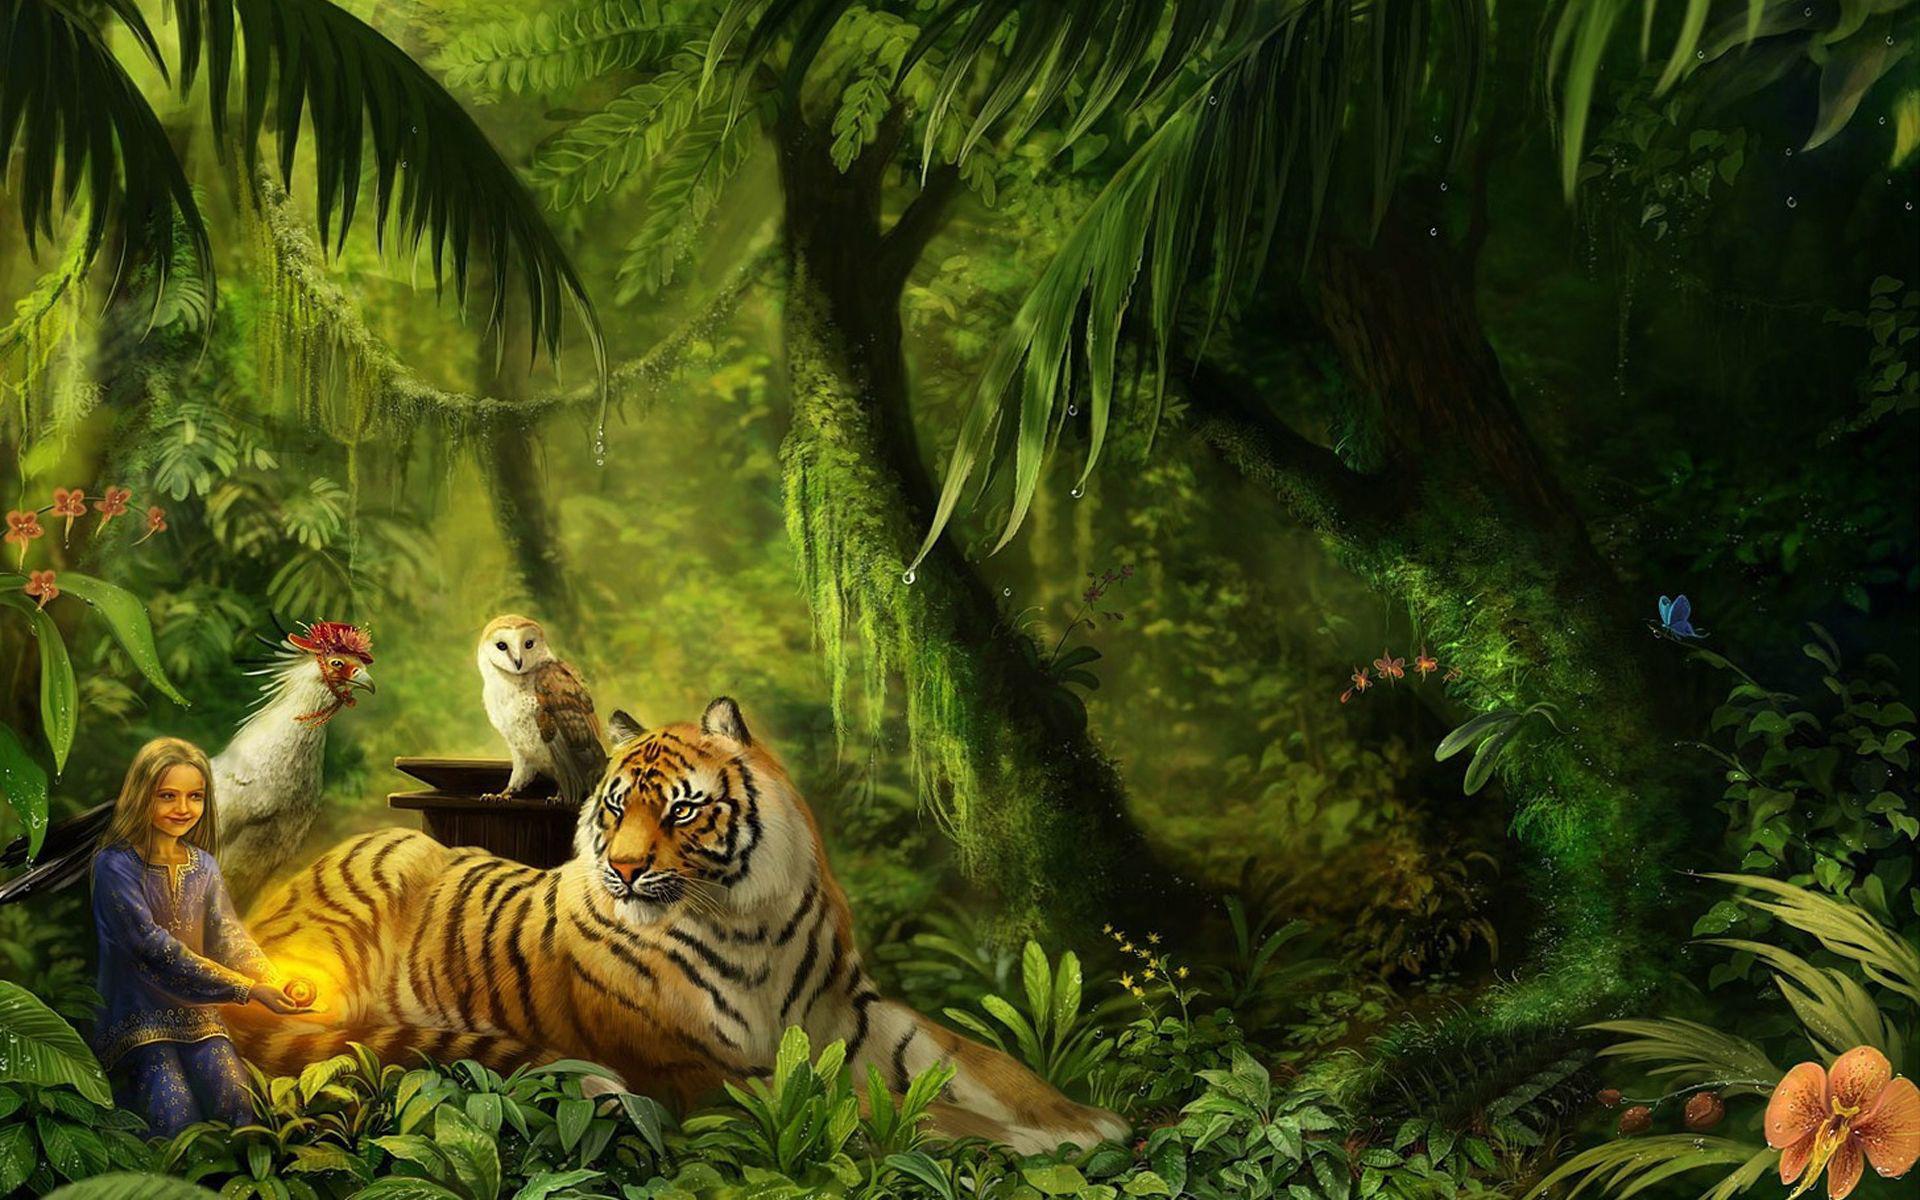 Wall Paper Mural Jungle Animal Wallpaper Wallpapersafari